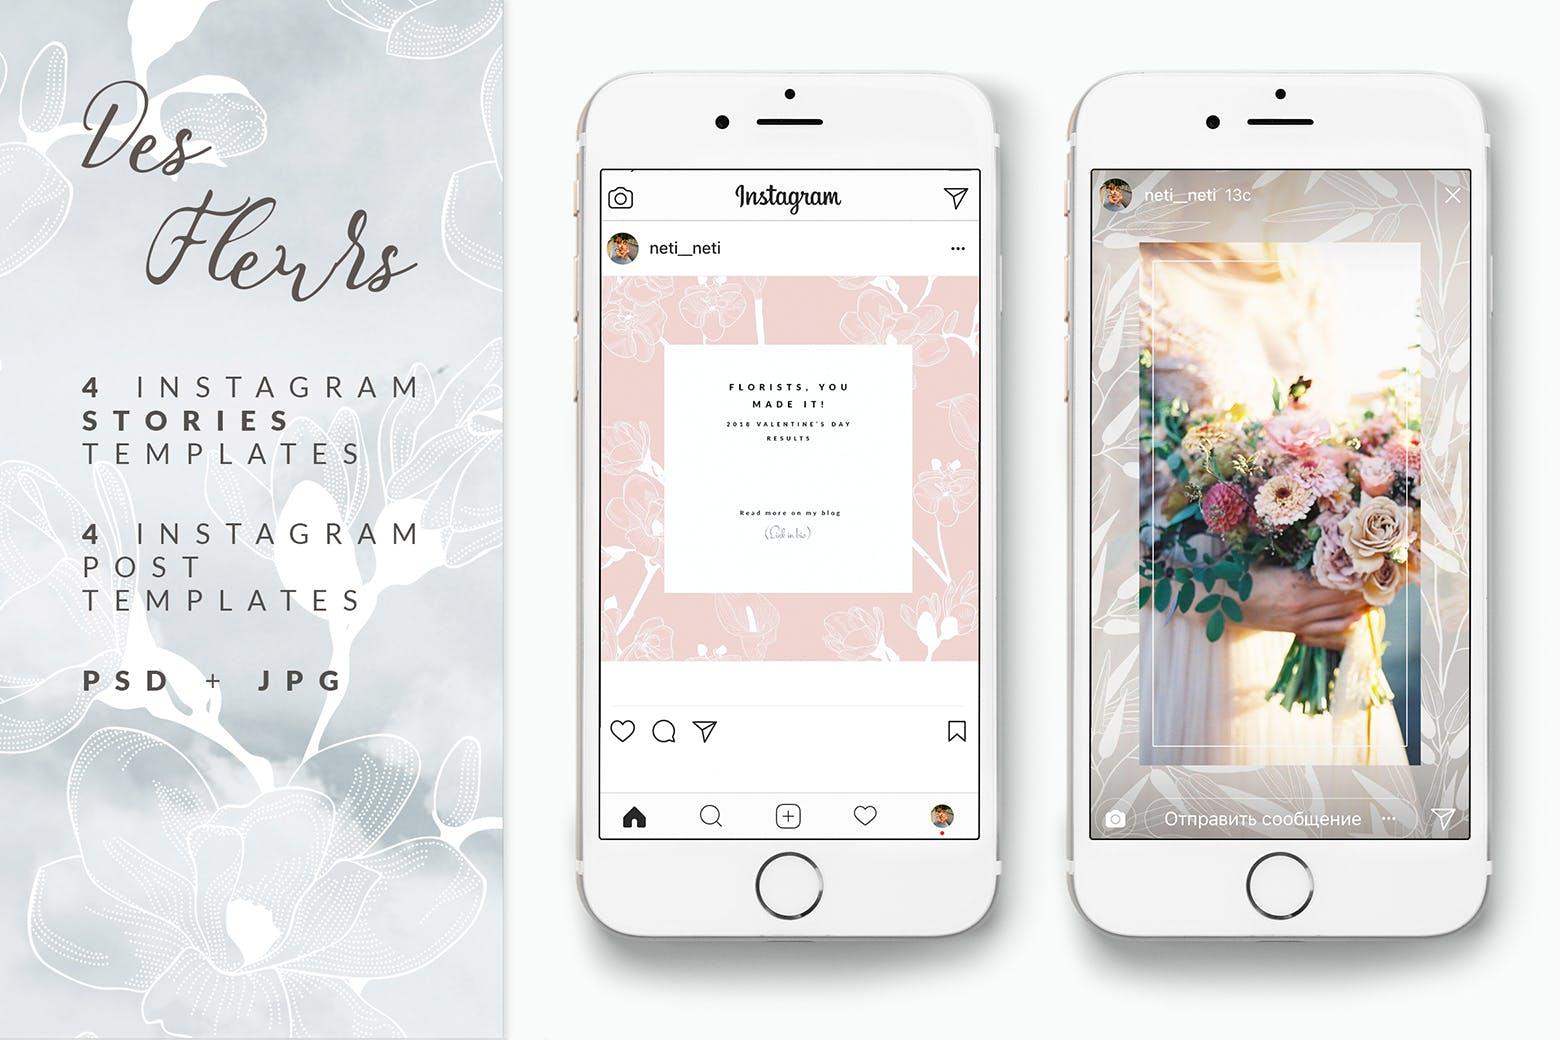 35个植物矢量图案装饰展示效果35 Patterns 8 Instagram Templates插图(2)